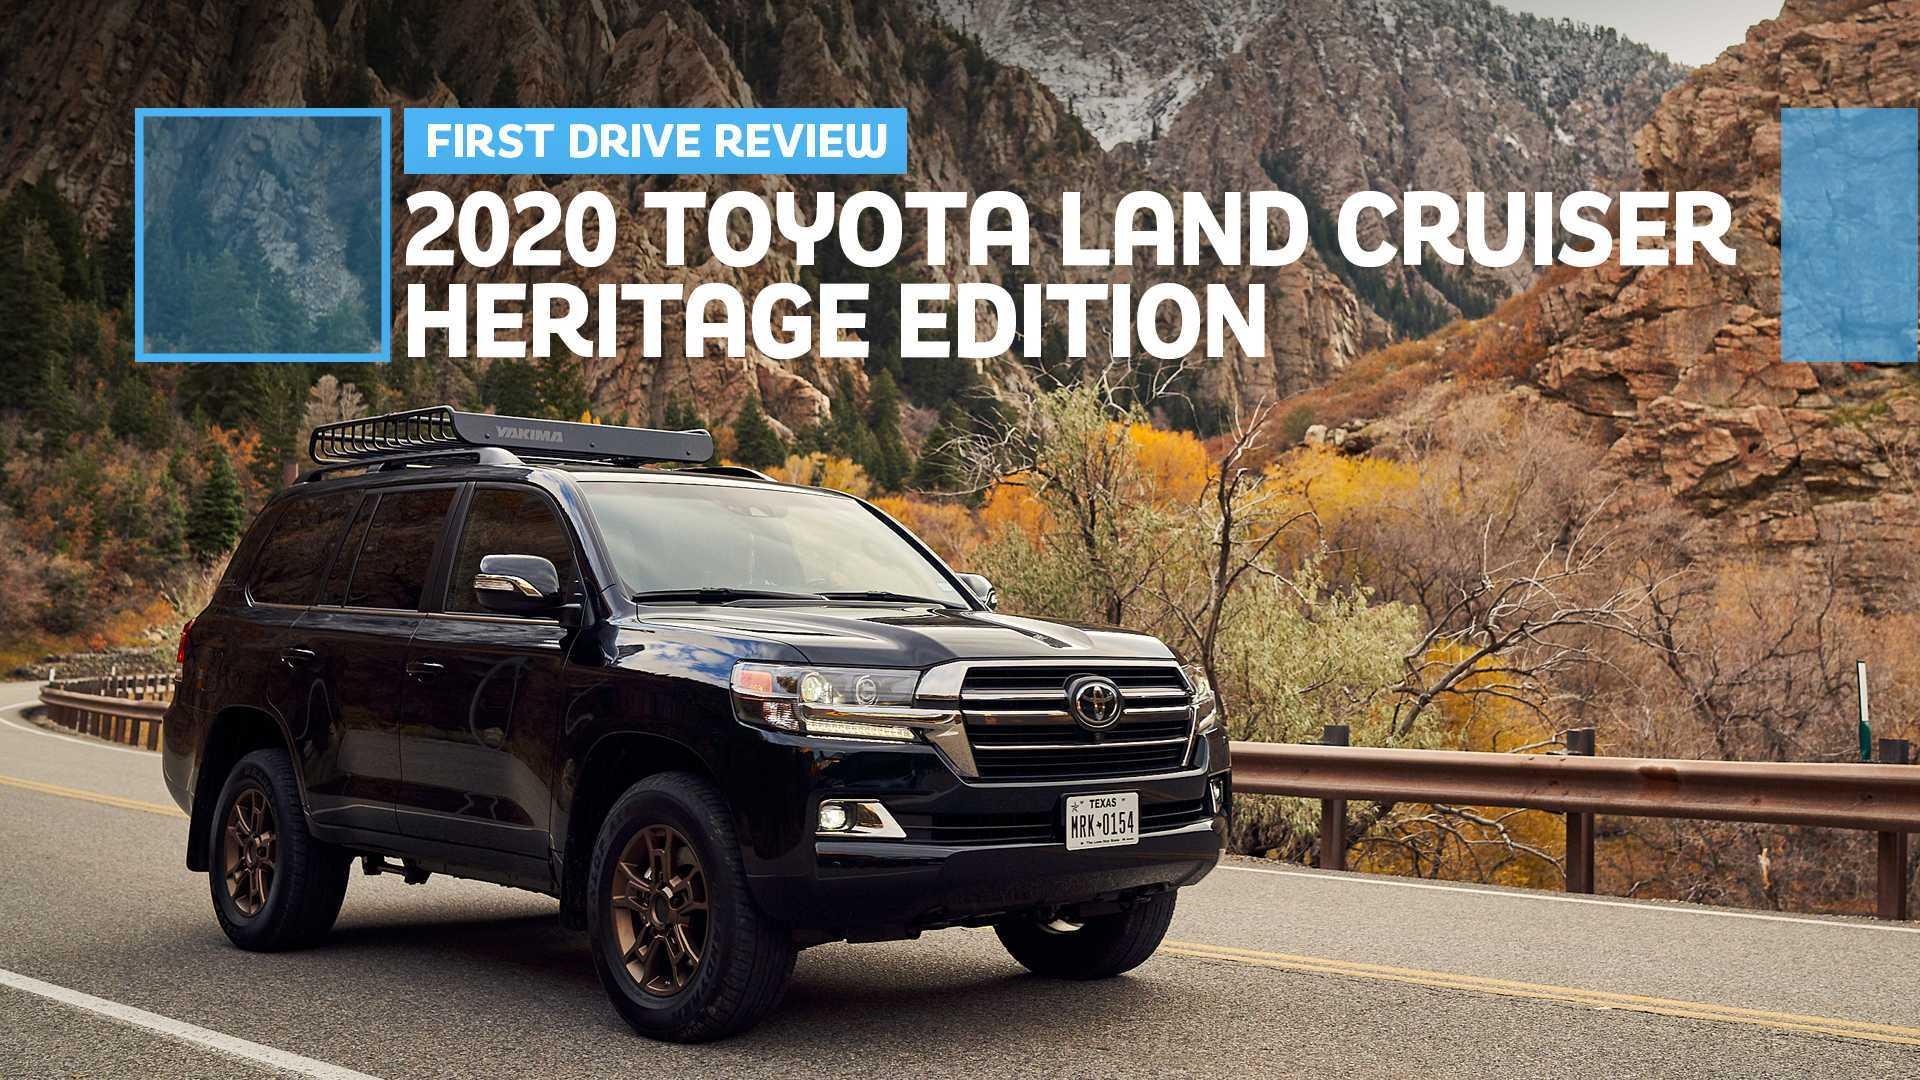 Kelebihan Land Cruiser Toyota Spesifikasi